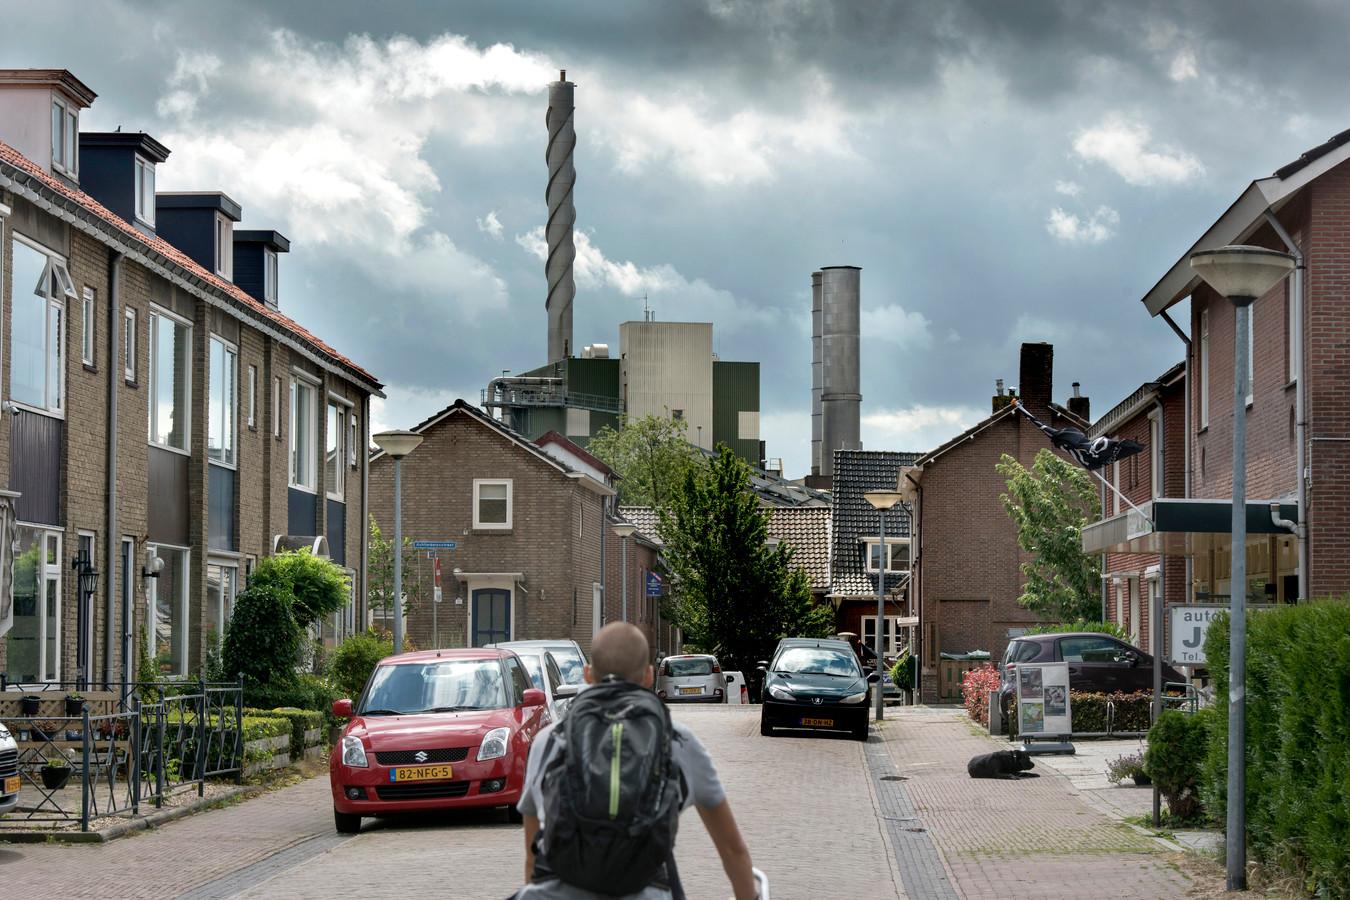 De papierfabriek van Parenco domineert de skyline van Renkum.